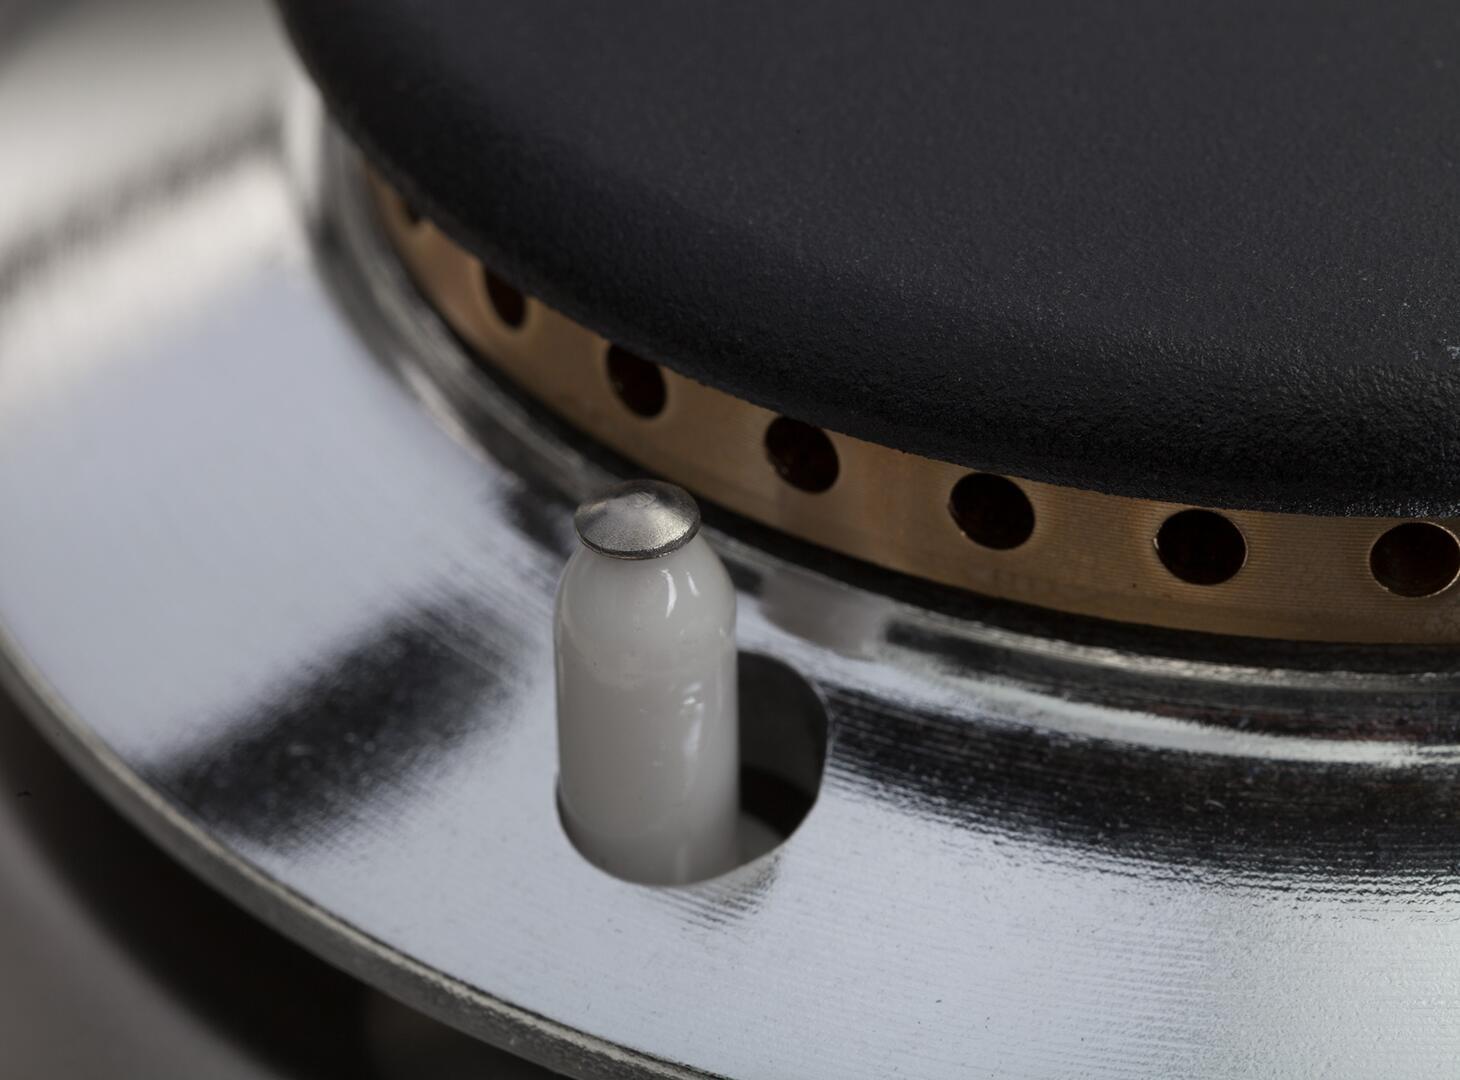 Ilve Nostalgie UPN60DMPN Freestanding Dual Fuel Range Black, 18